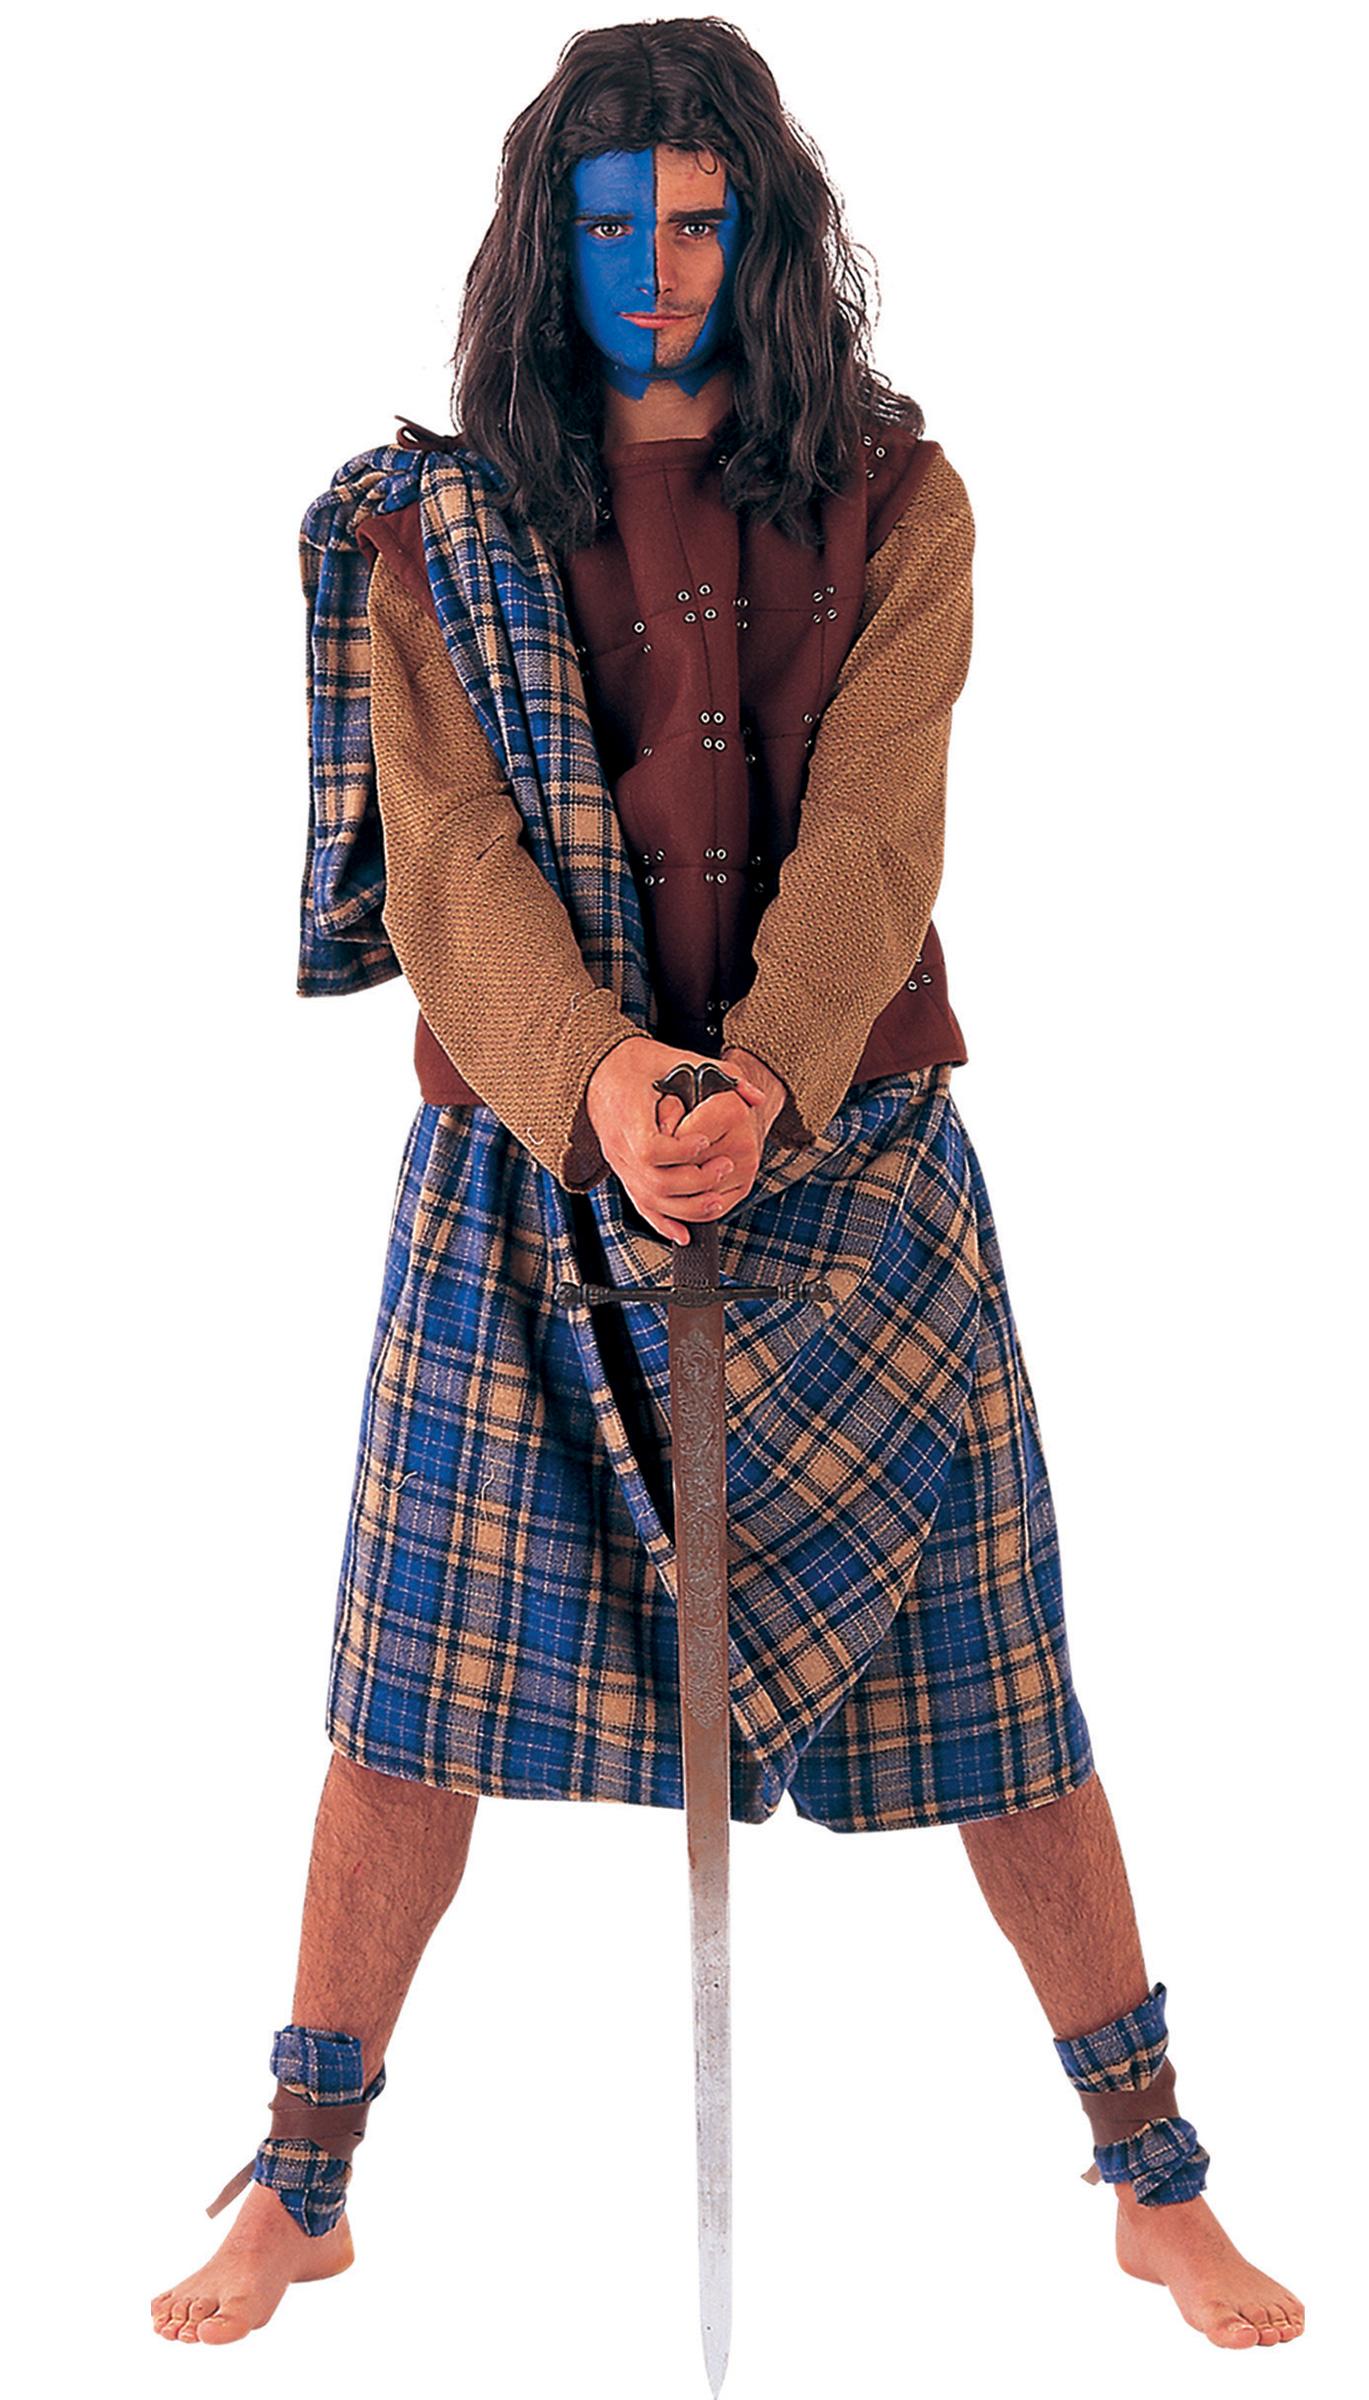 d guisement kilt cossais costume homme cosse. Black Bedroom Furniture Sets. Home Design Ideas